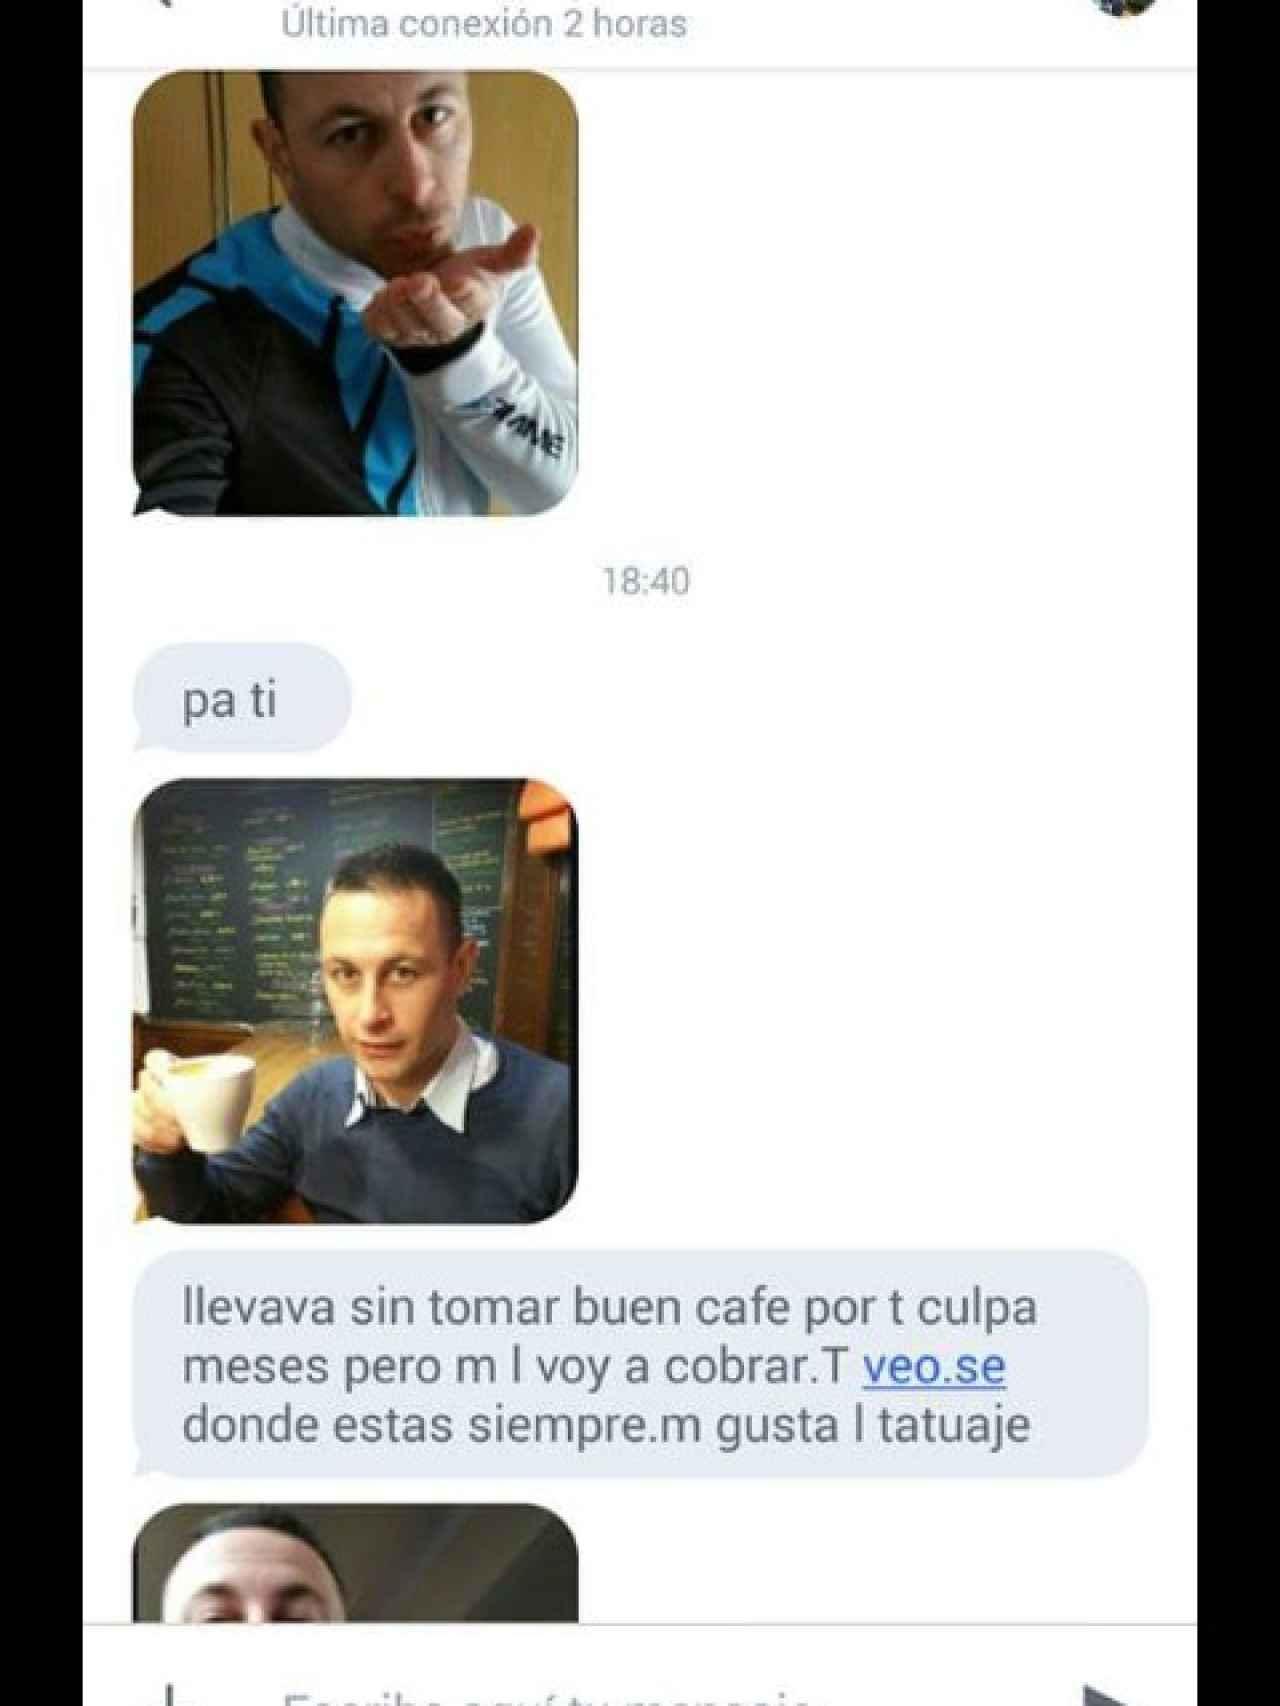 Más amenazas telefónicas de Iván a su exnovia, esta vez adjuntando fotos suyas.